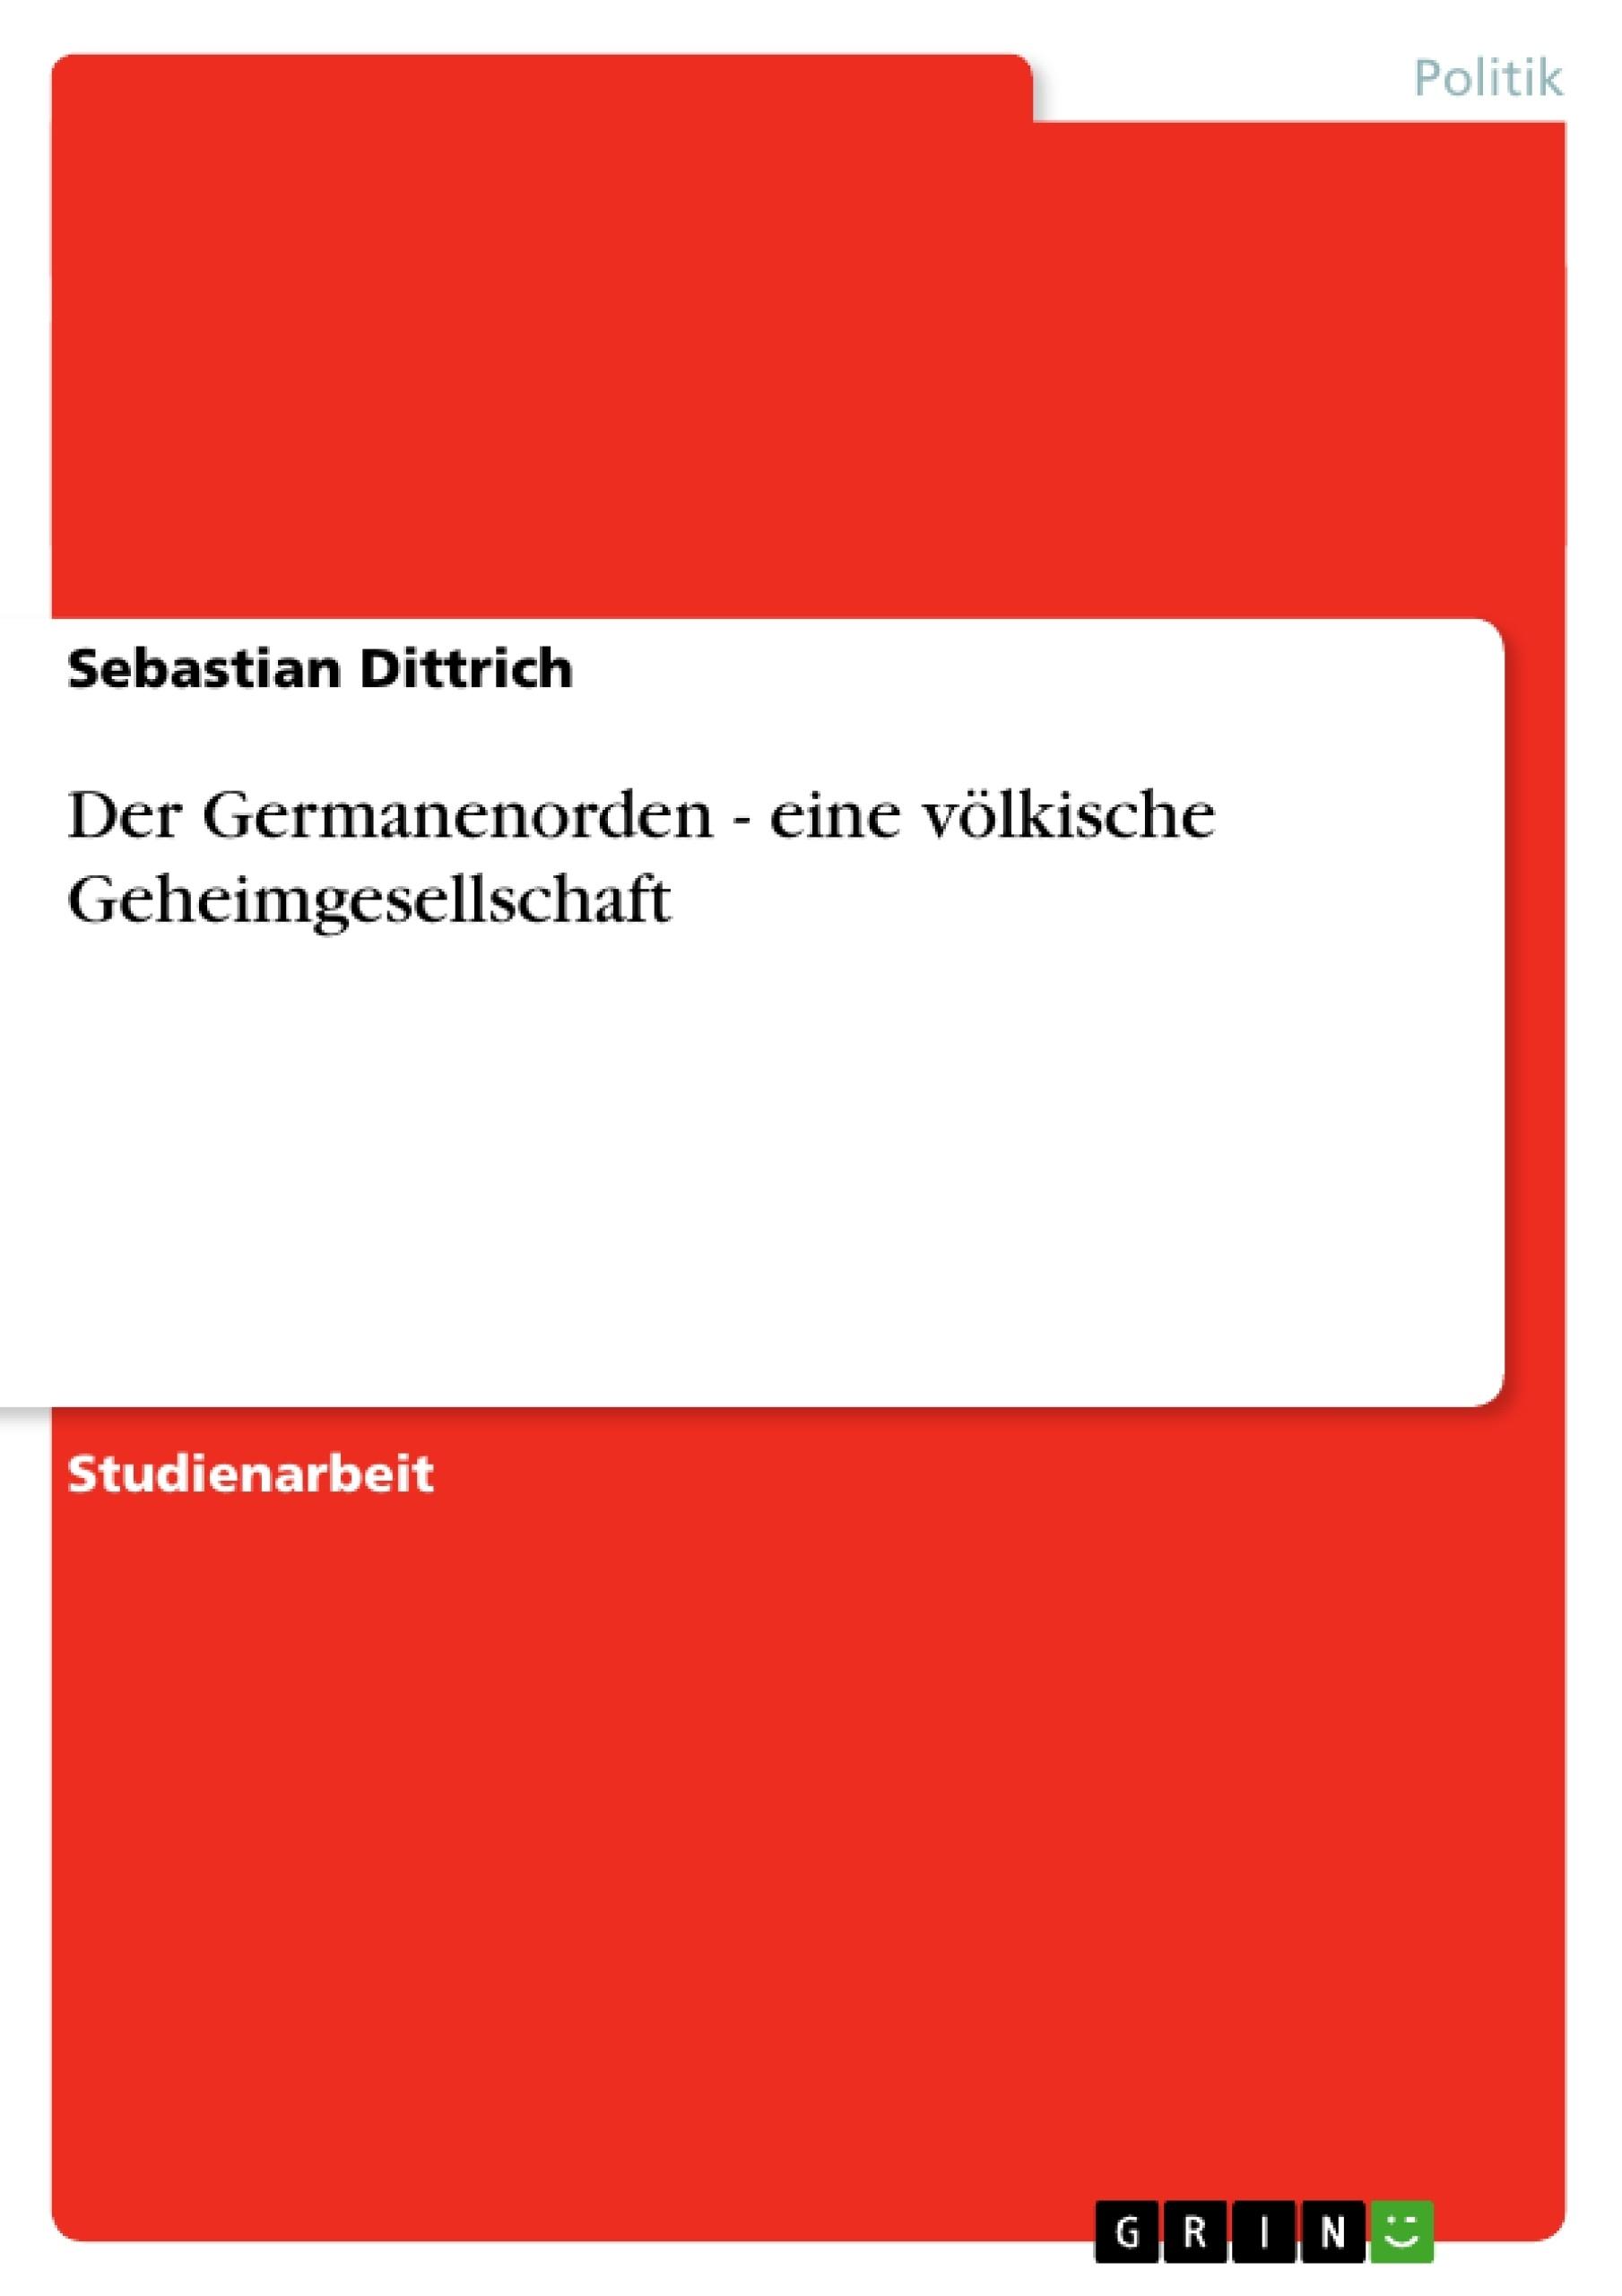 Titel: Der Germanenorden - eine völkische Geheimgesellschaft